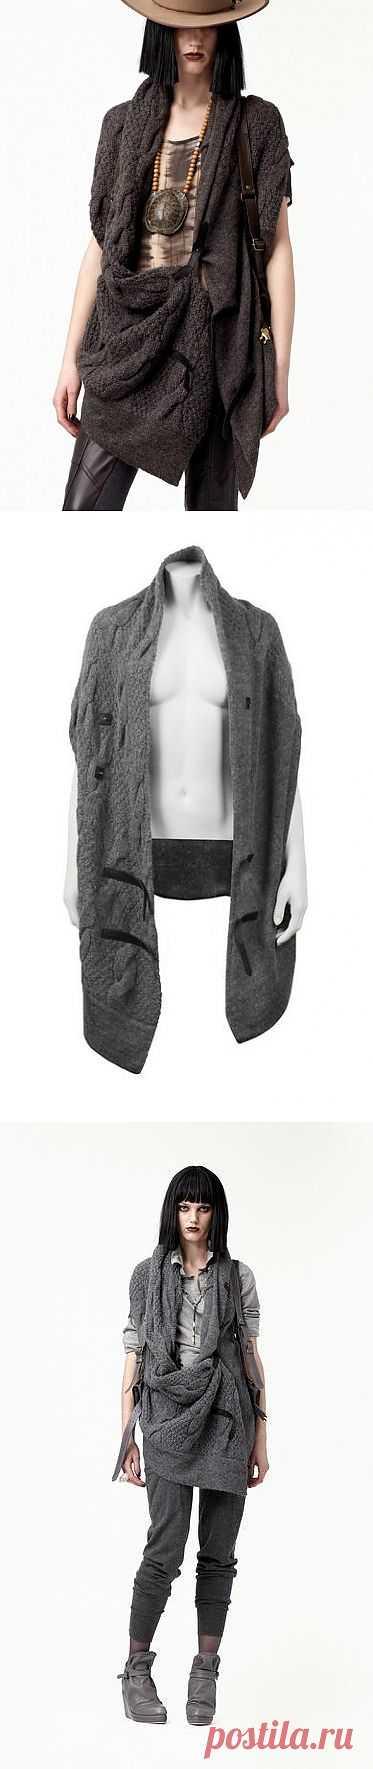 Жилет от Nicholac K / Простые выкройки / Модный сайт о стильной переделке одежды и интерьера